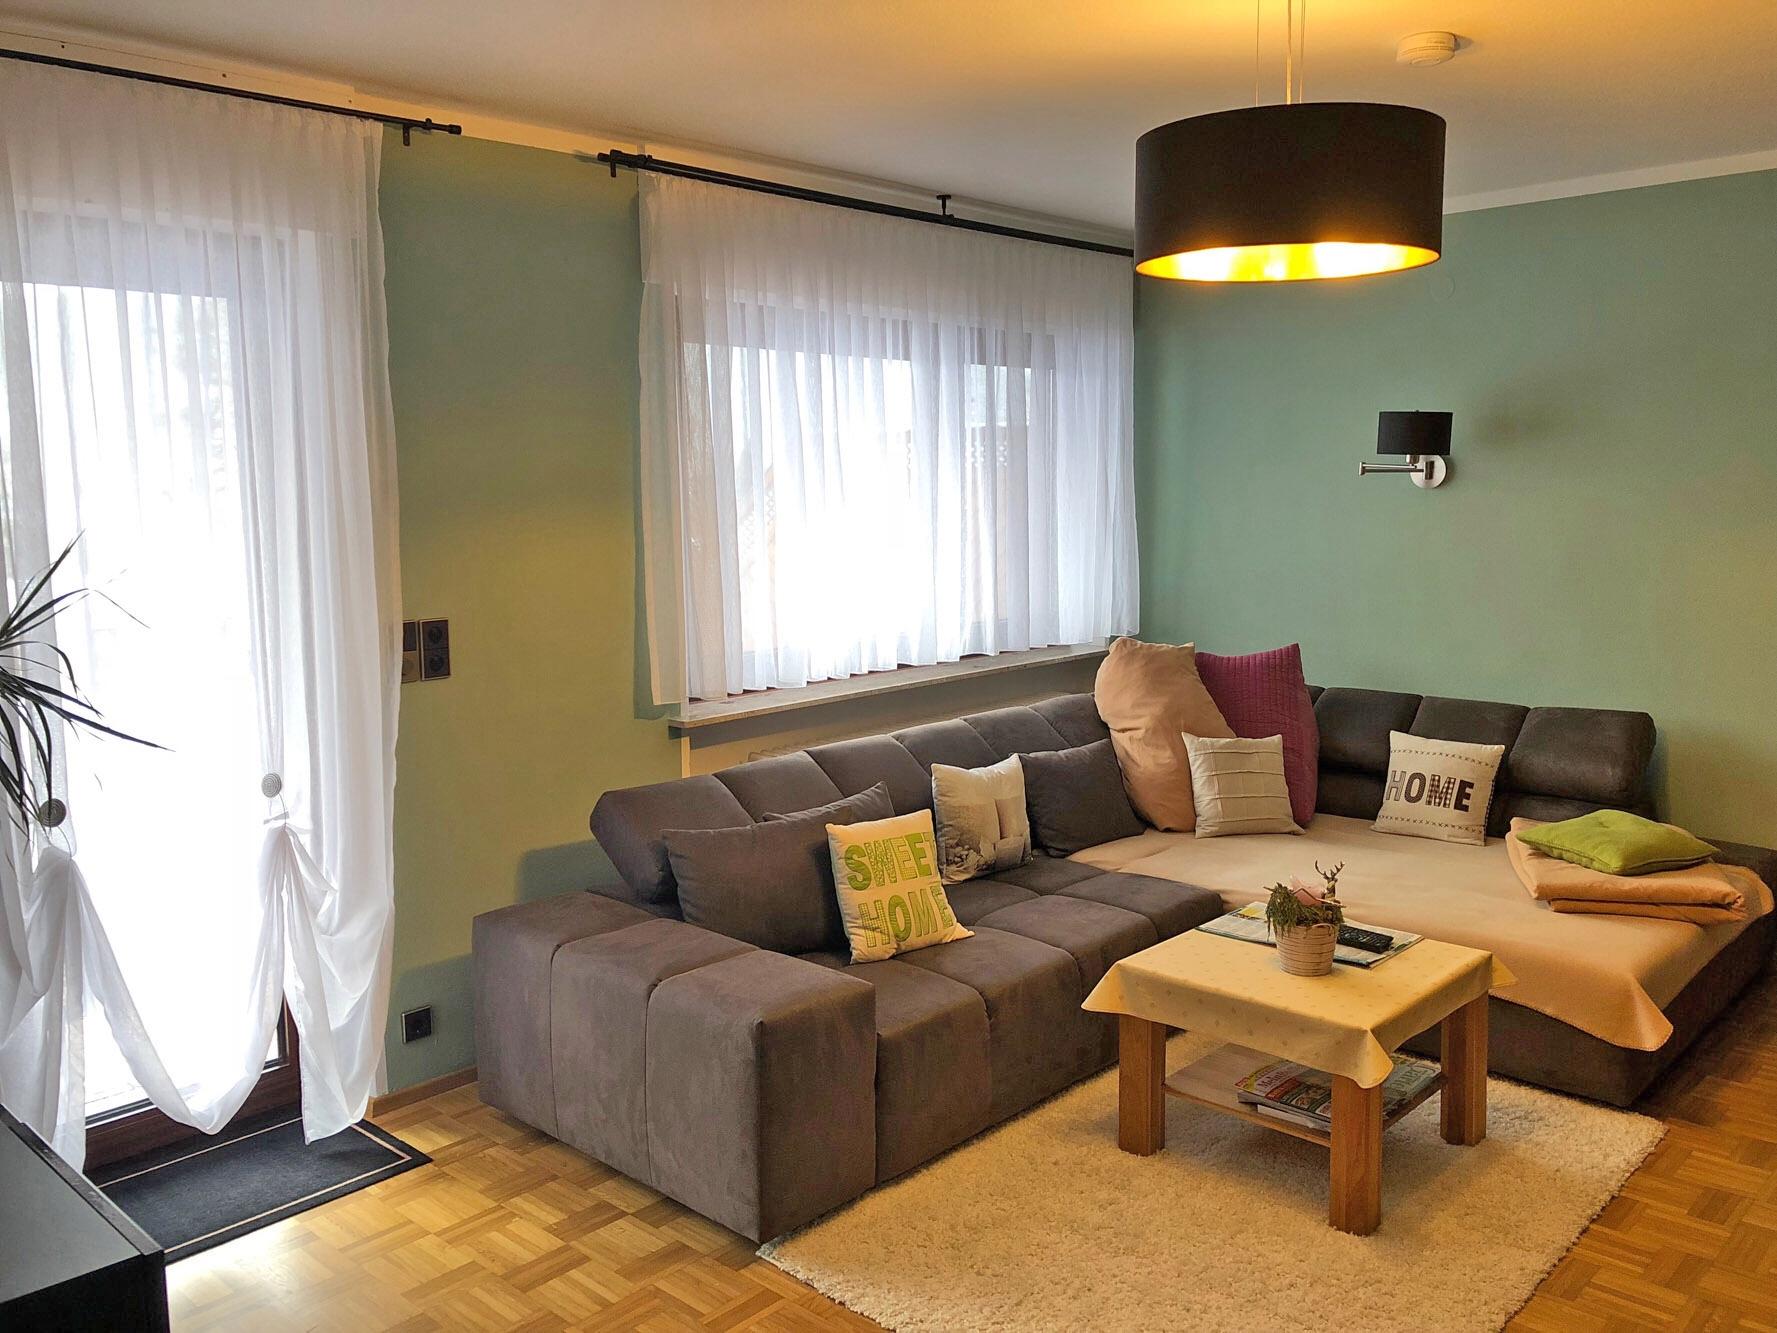 obj nr 5724 denk an mich sonnenverw hnte einliegerwohnung mit garage in krauchenwies. Black Bedroom Furniture Sets. Home Design Ideas